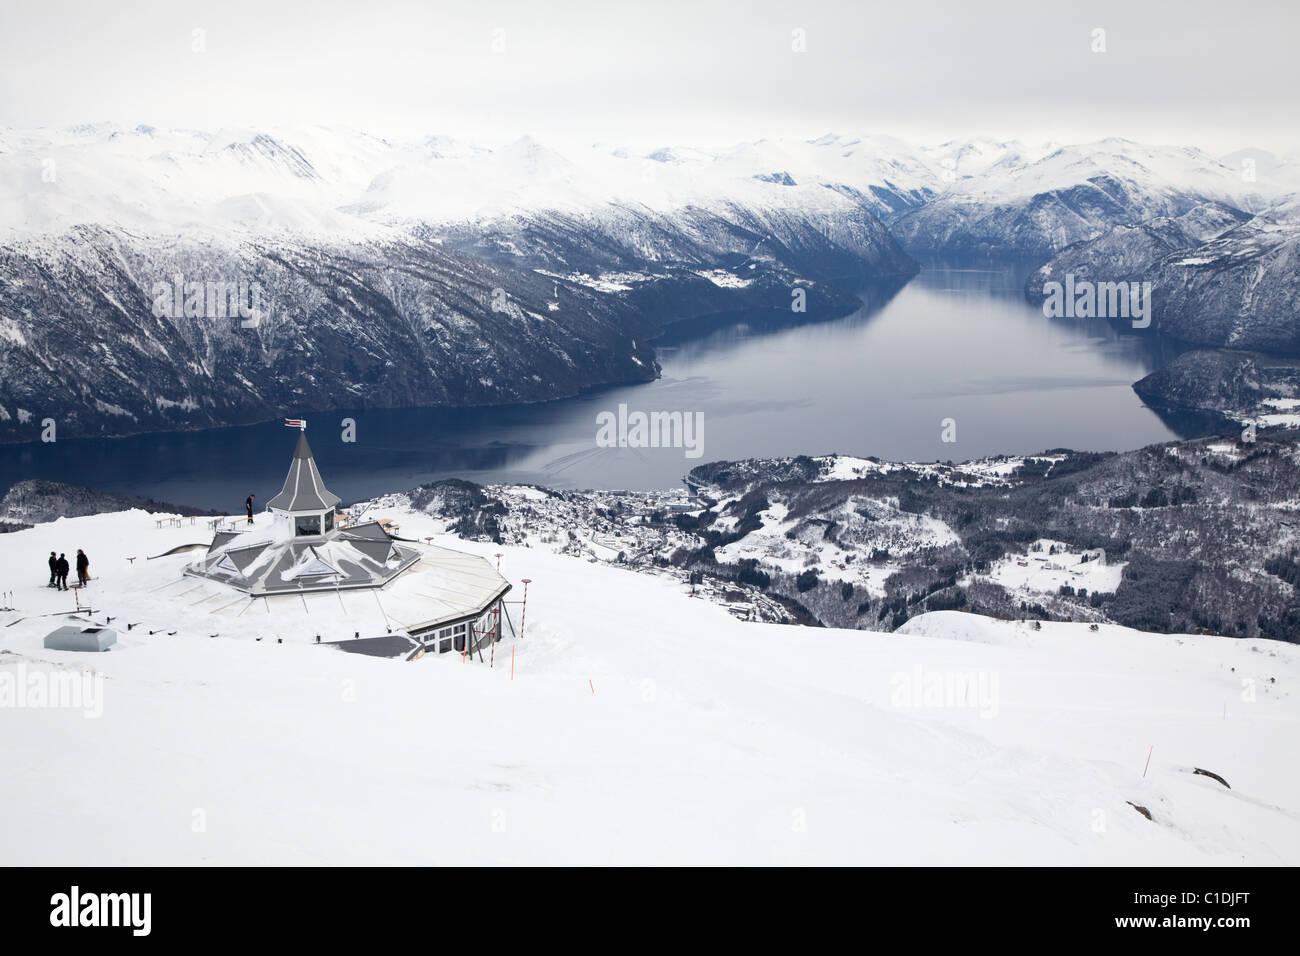 stranda ski stock photos & stranda ski stock images - alamy